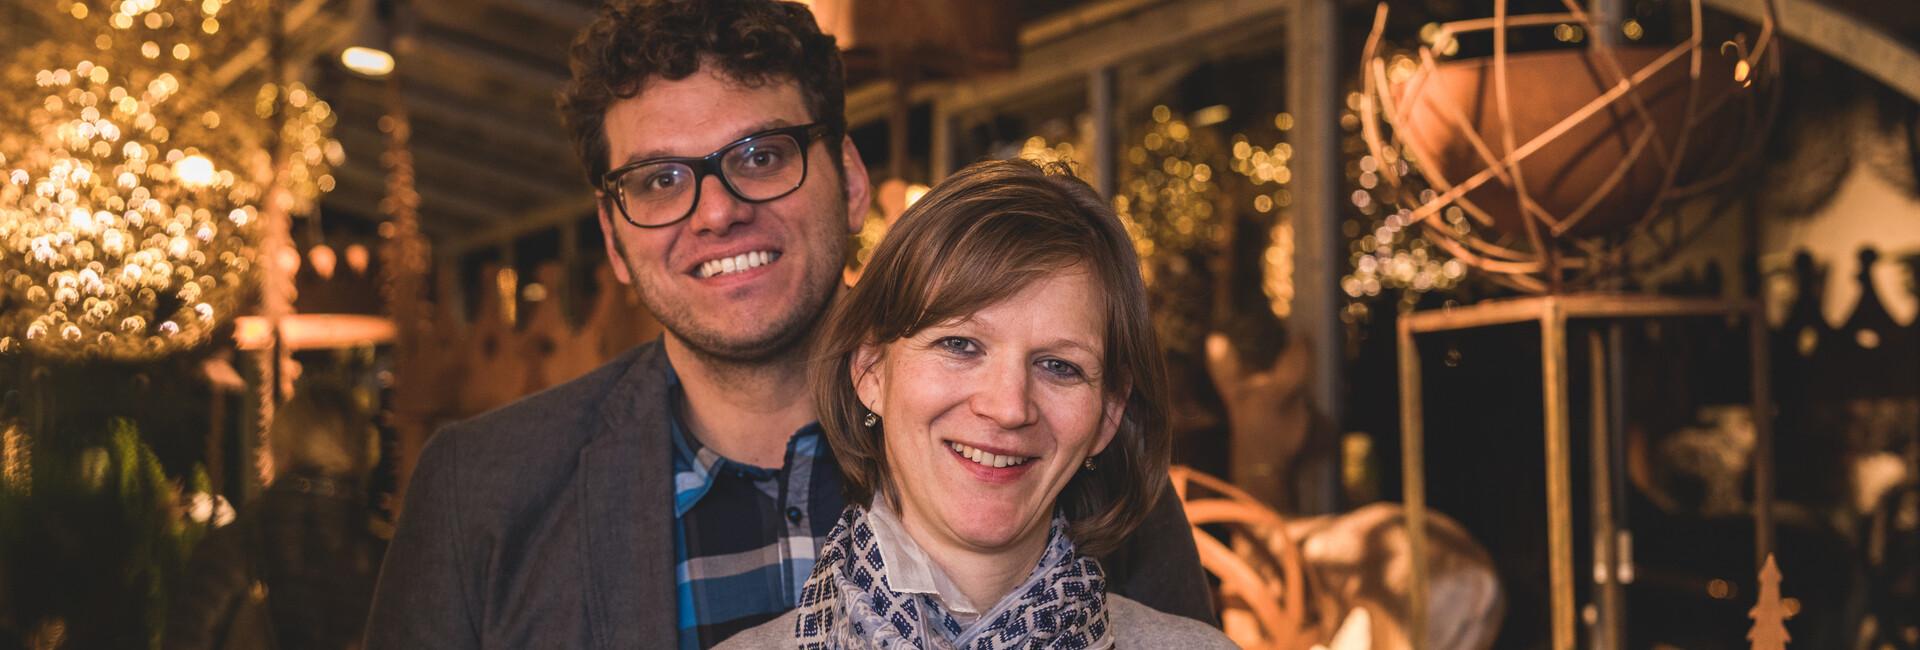 Die Eigentümer der Gärtnerei Fuchsberger lächeln in die Kamera